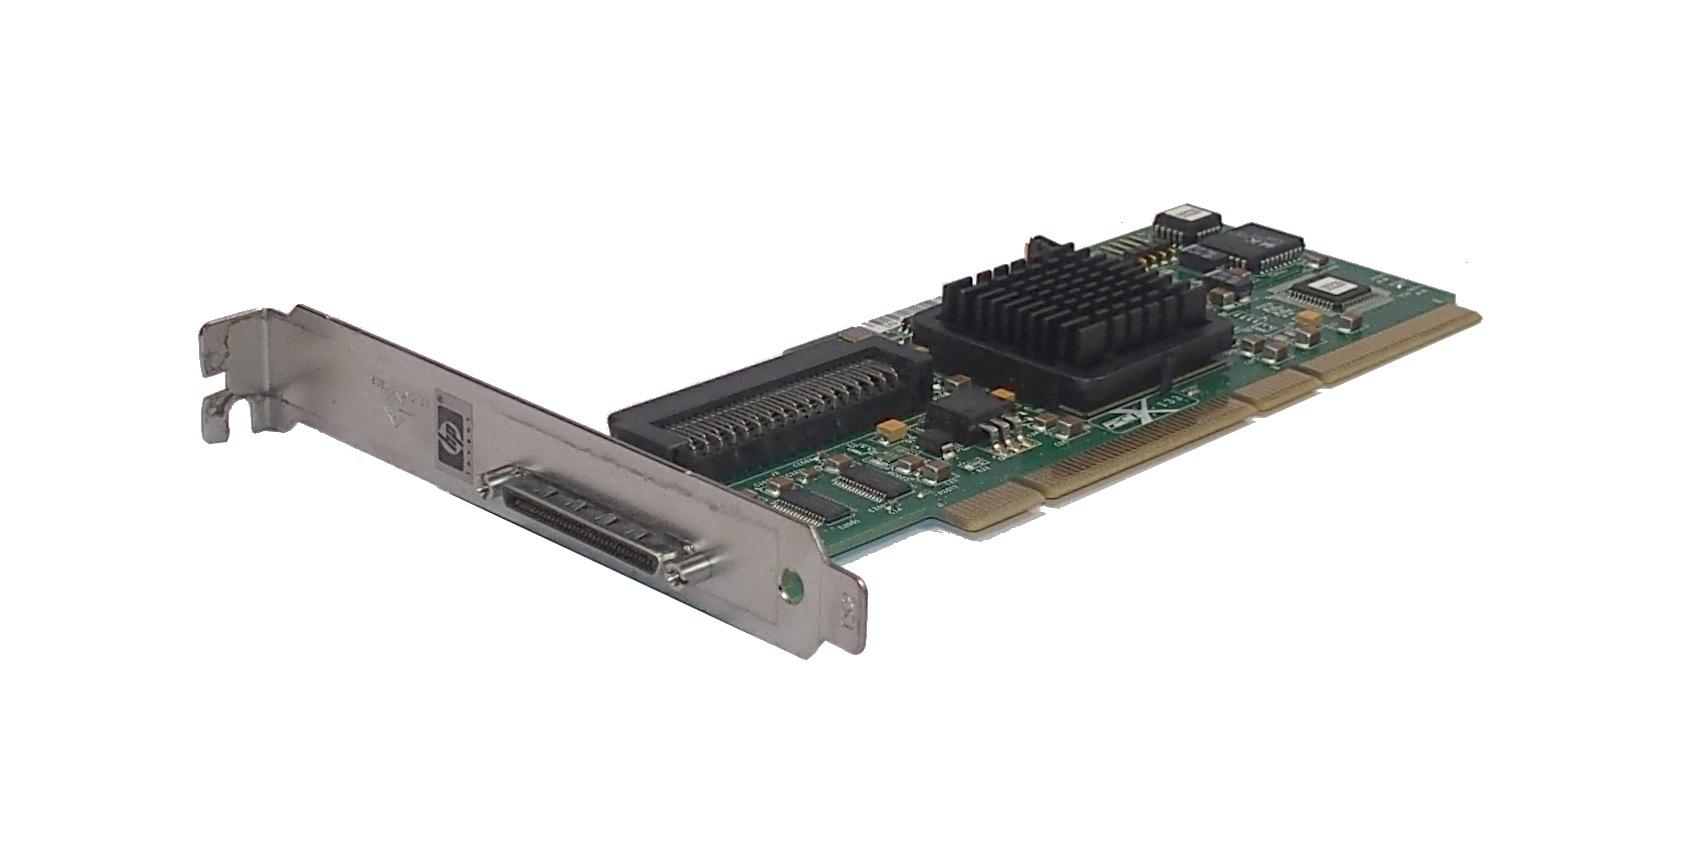 HP 399480-001 PCI-X133 Ultra 320 SCSI Card- Standard Profile- SPS: 403051-001